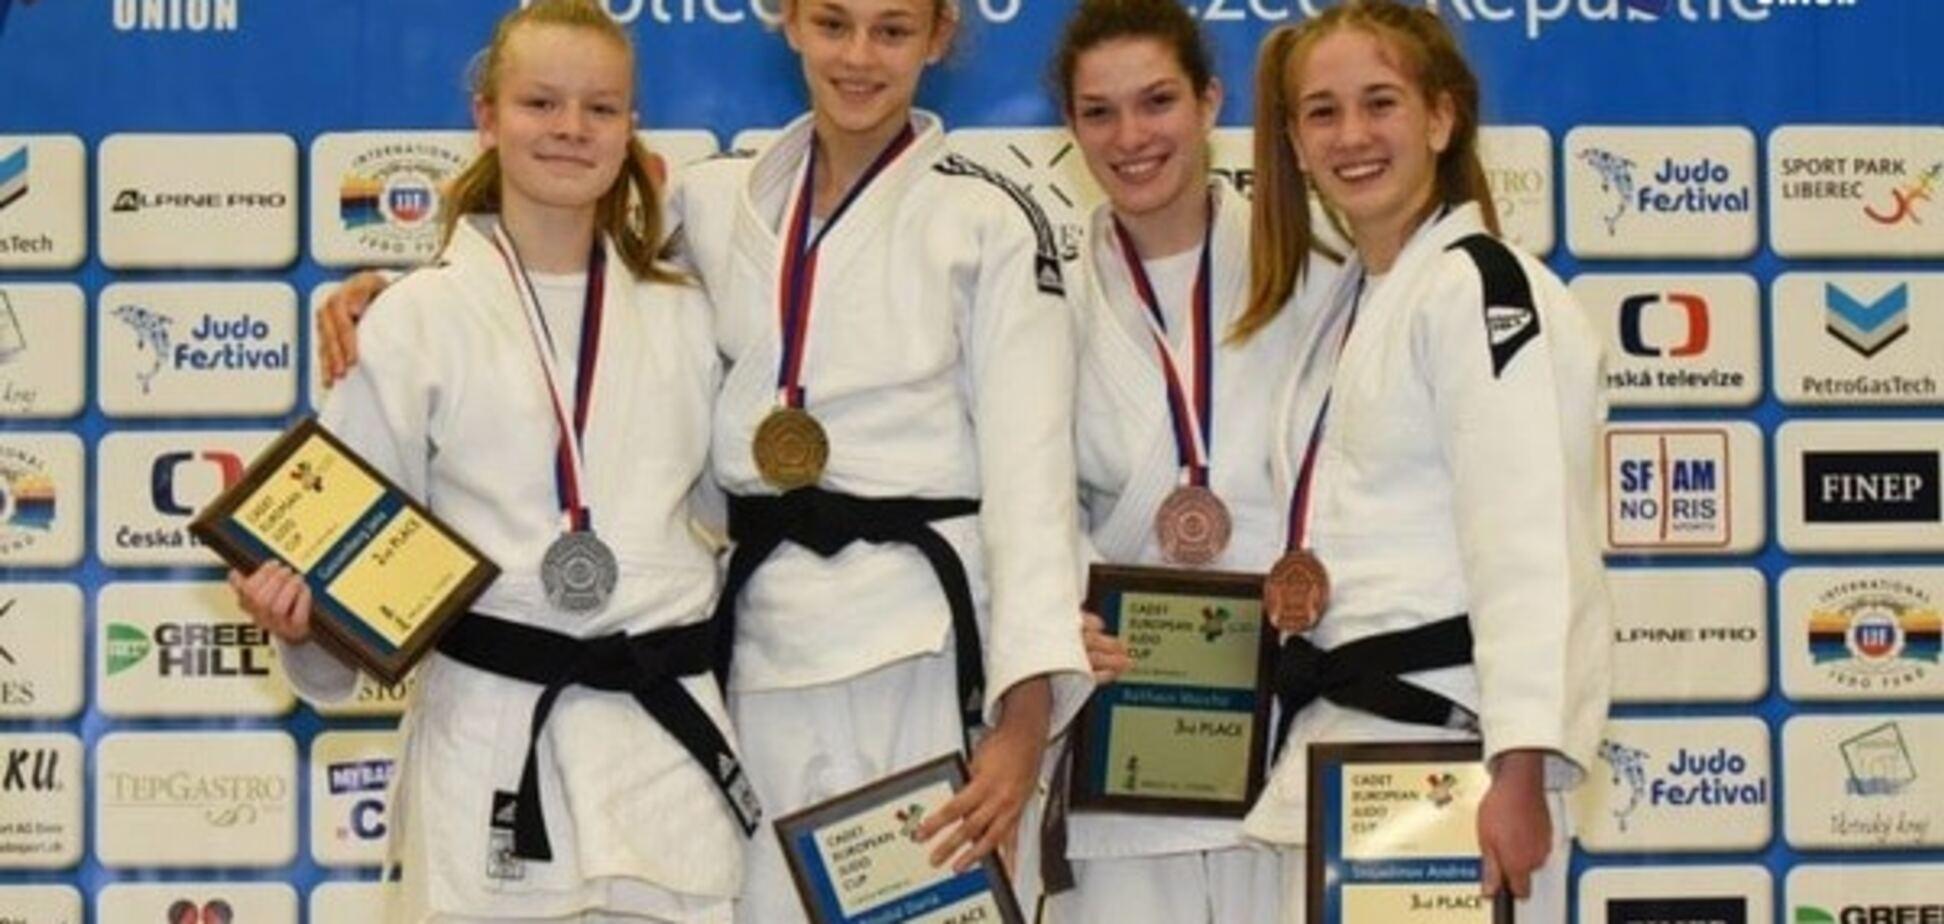 15-річна українка виграла Кубок Європи з дзюдо